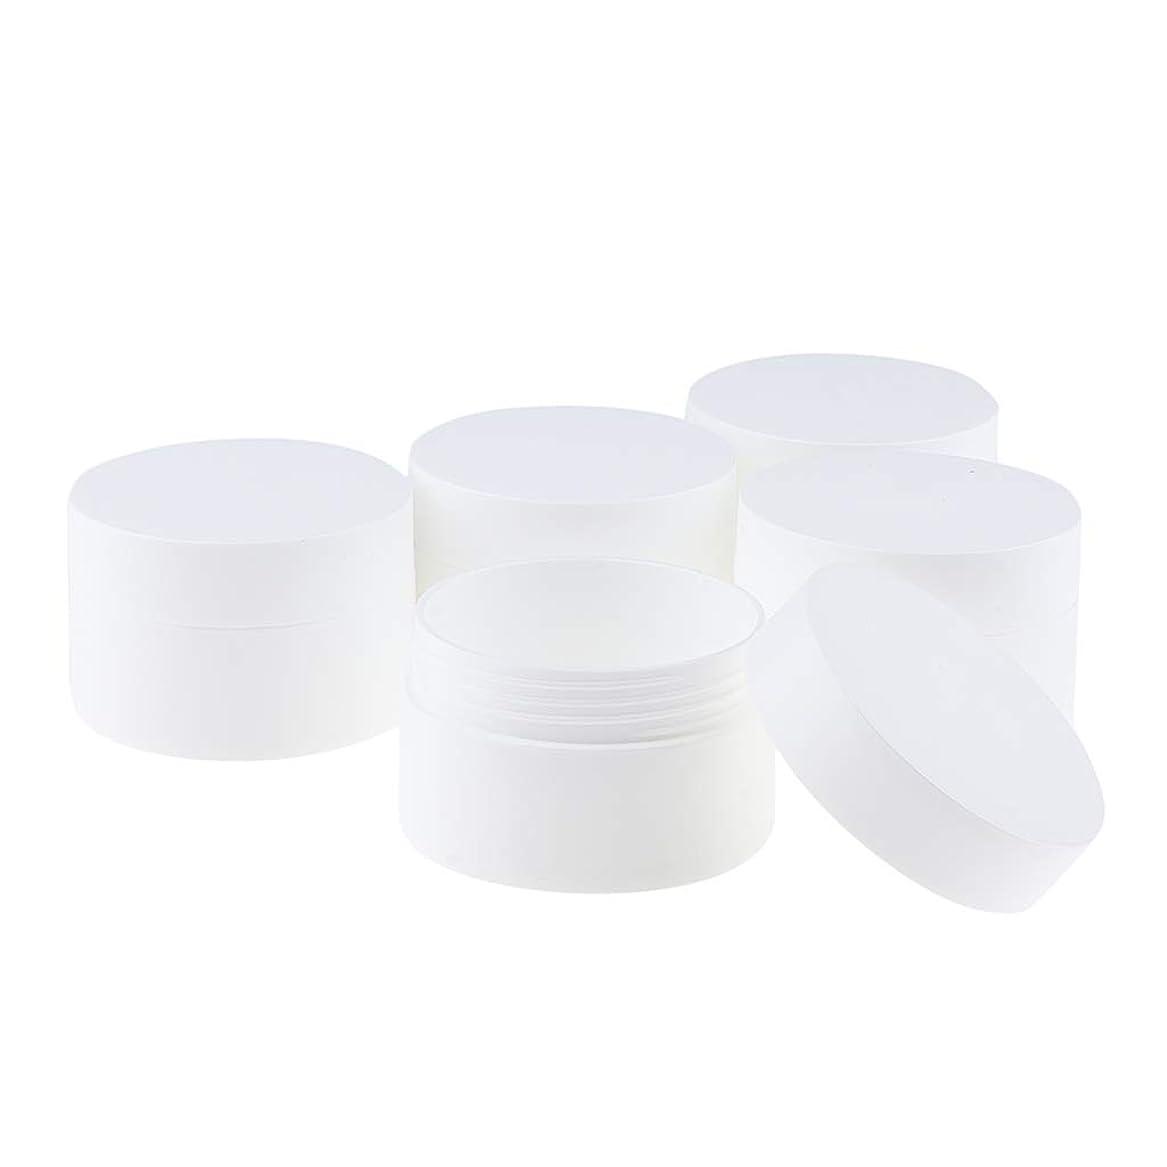 エキサイティング症候群周波数P Prettyia 5個 化粧品ポット クリームジャー 旅行用 ローション コスメ 詰替え容器 3サイズ選べ - 50g